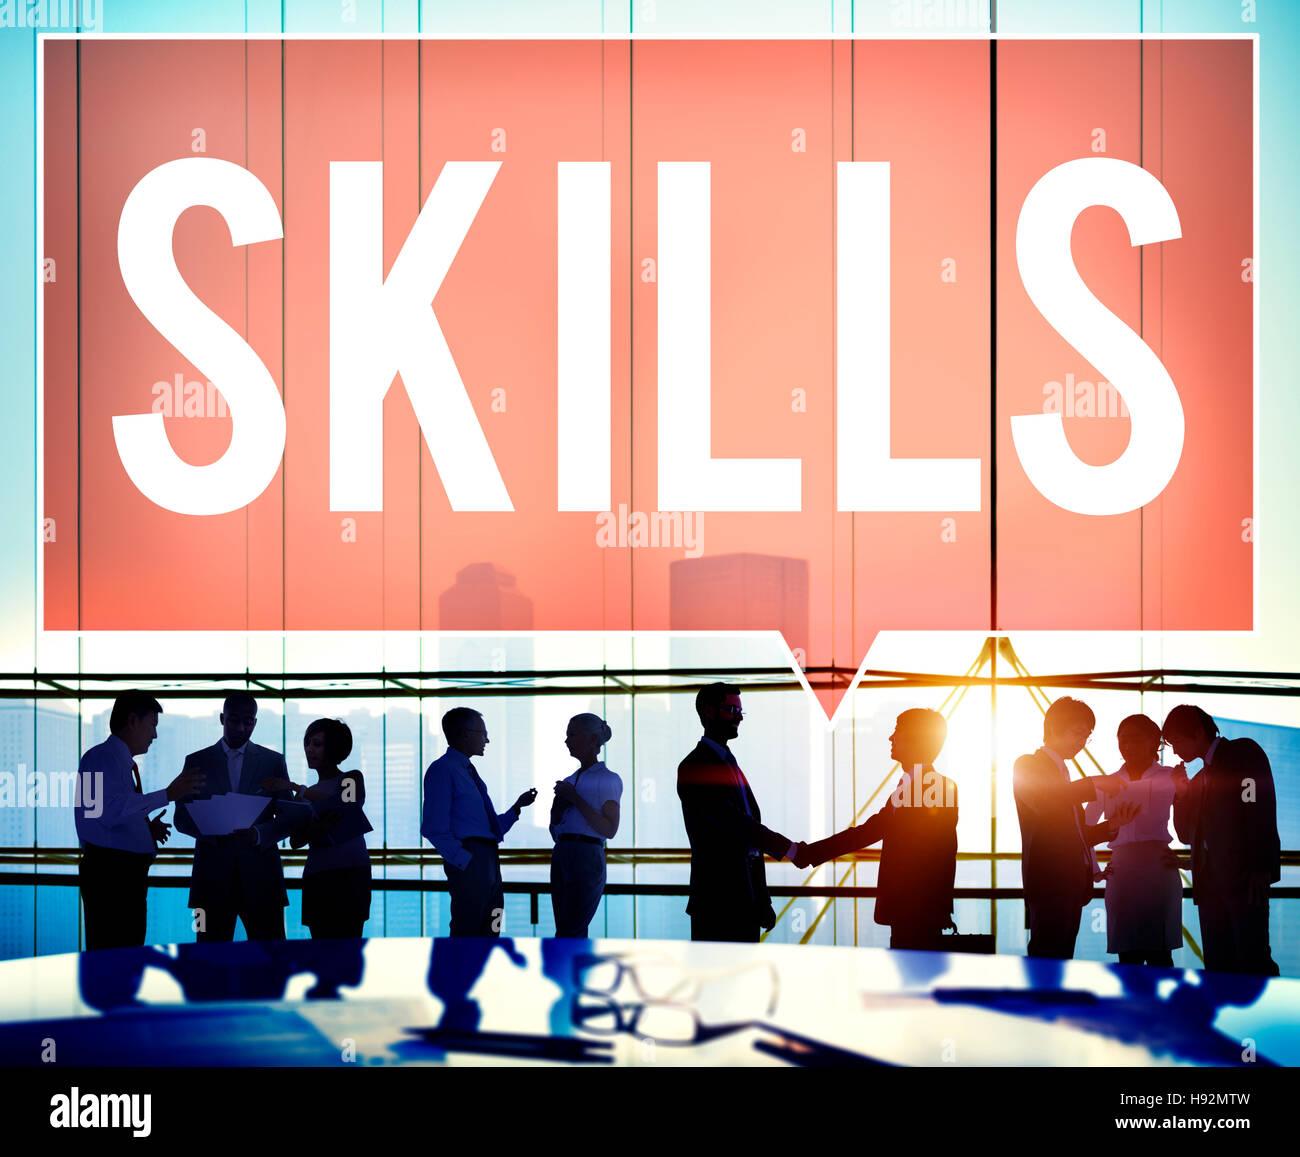 Capacidad de habilidades calificación concepto talento de rendimiento Imagen De Stock